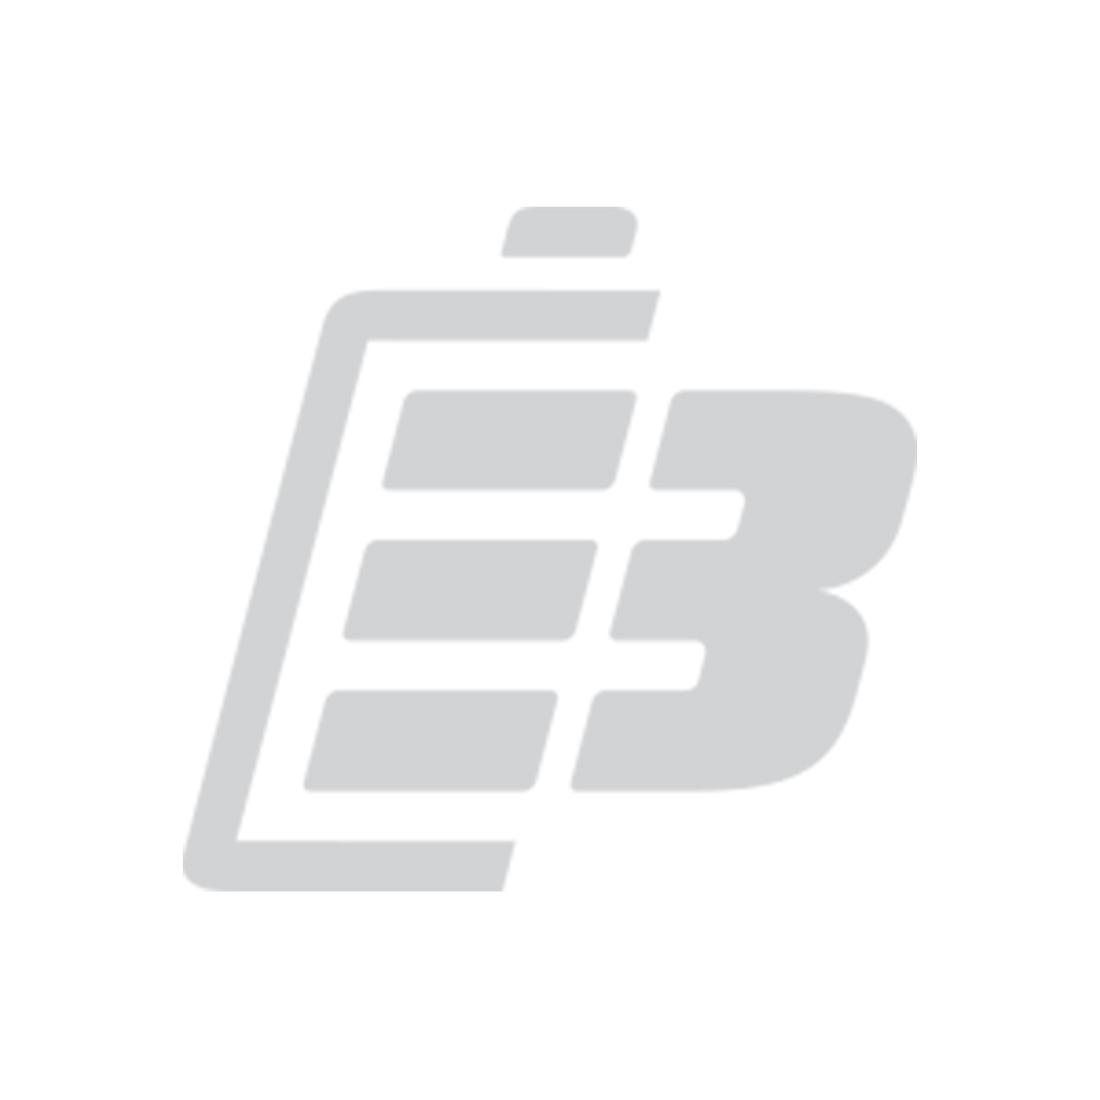 Μπαταρία MP3 Creative Nomad Jukebox Zen Xtra_1